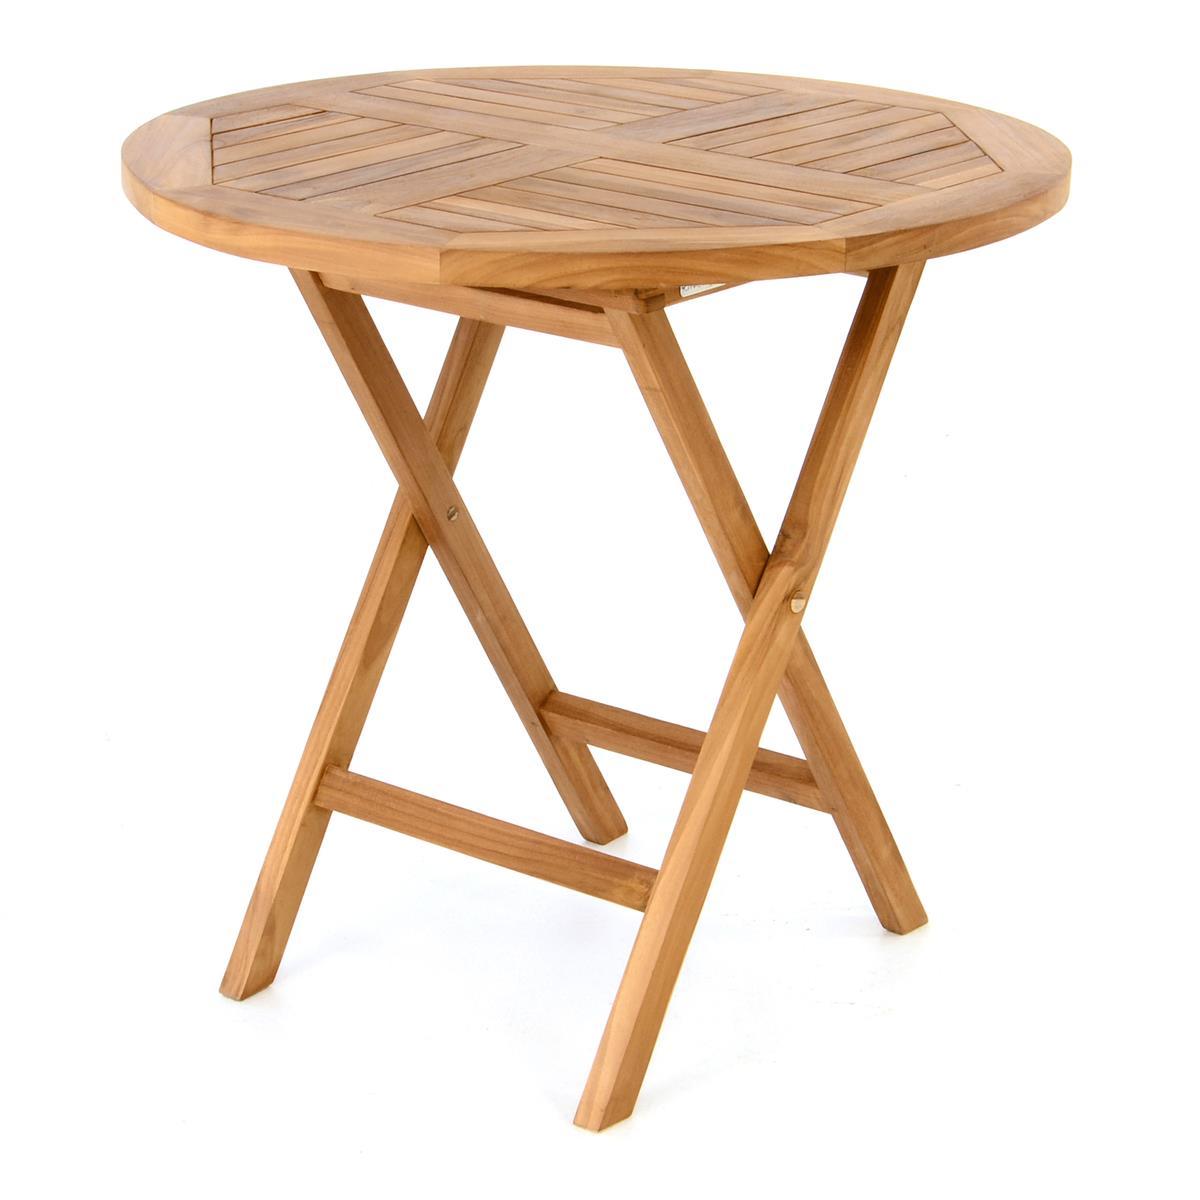 Full Size of Divero Gartentisch Balkontisch Tisch Holz Teak Klappbar Behandelt Bett Ausklappbar Ausklappbares Wohnzimmer Balkontisch Klappbar